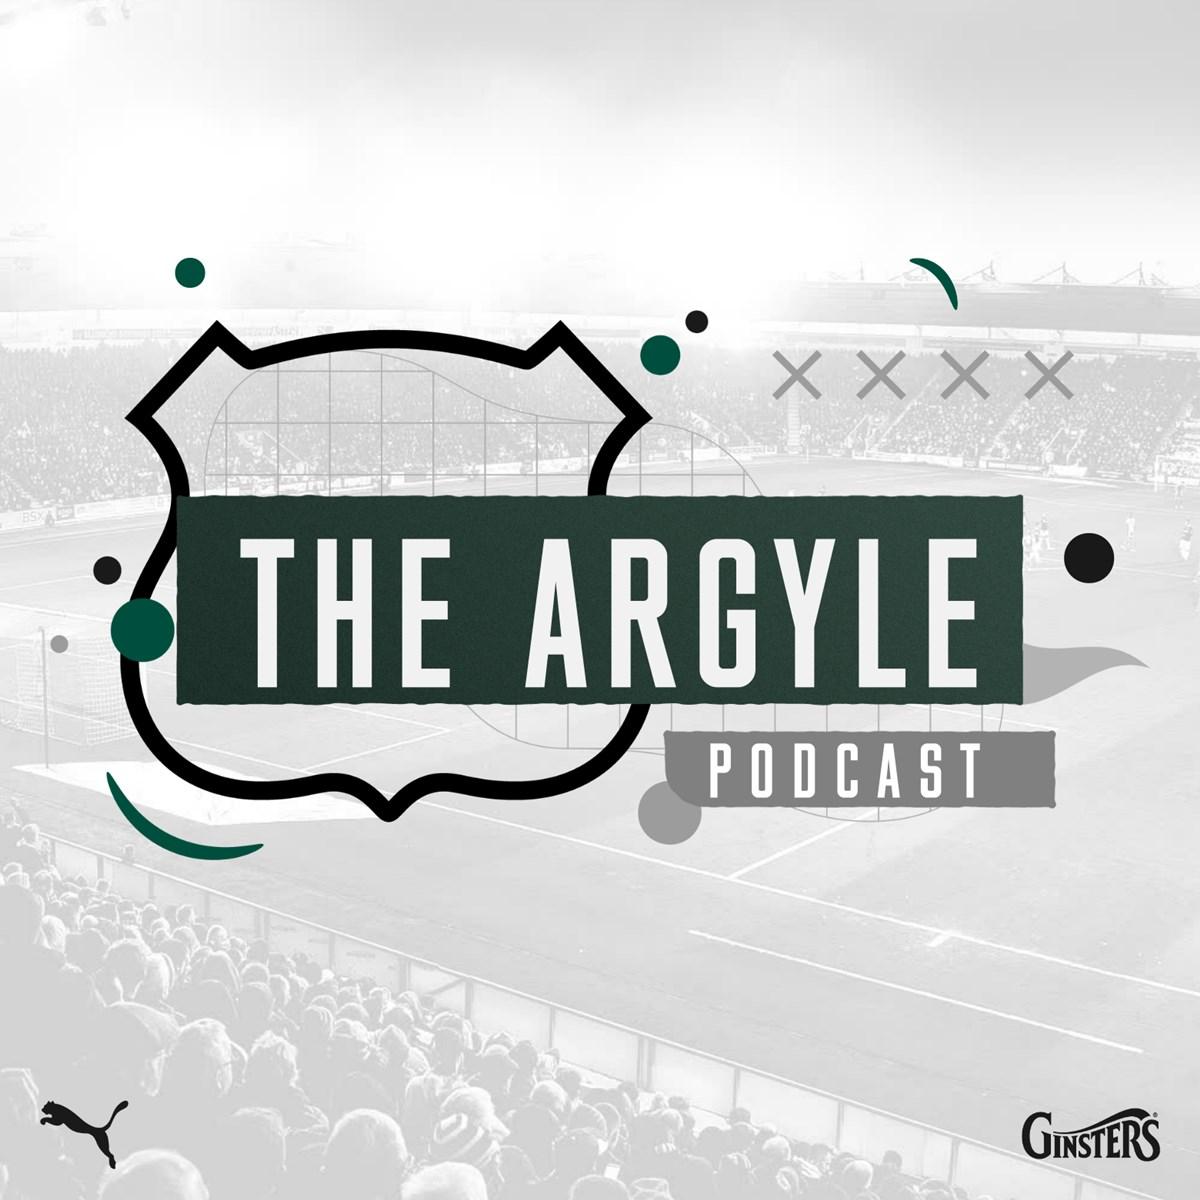 The Argyle Podcast